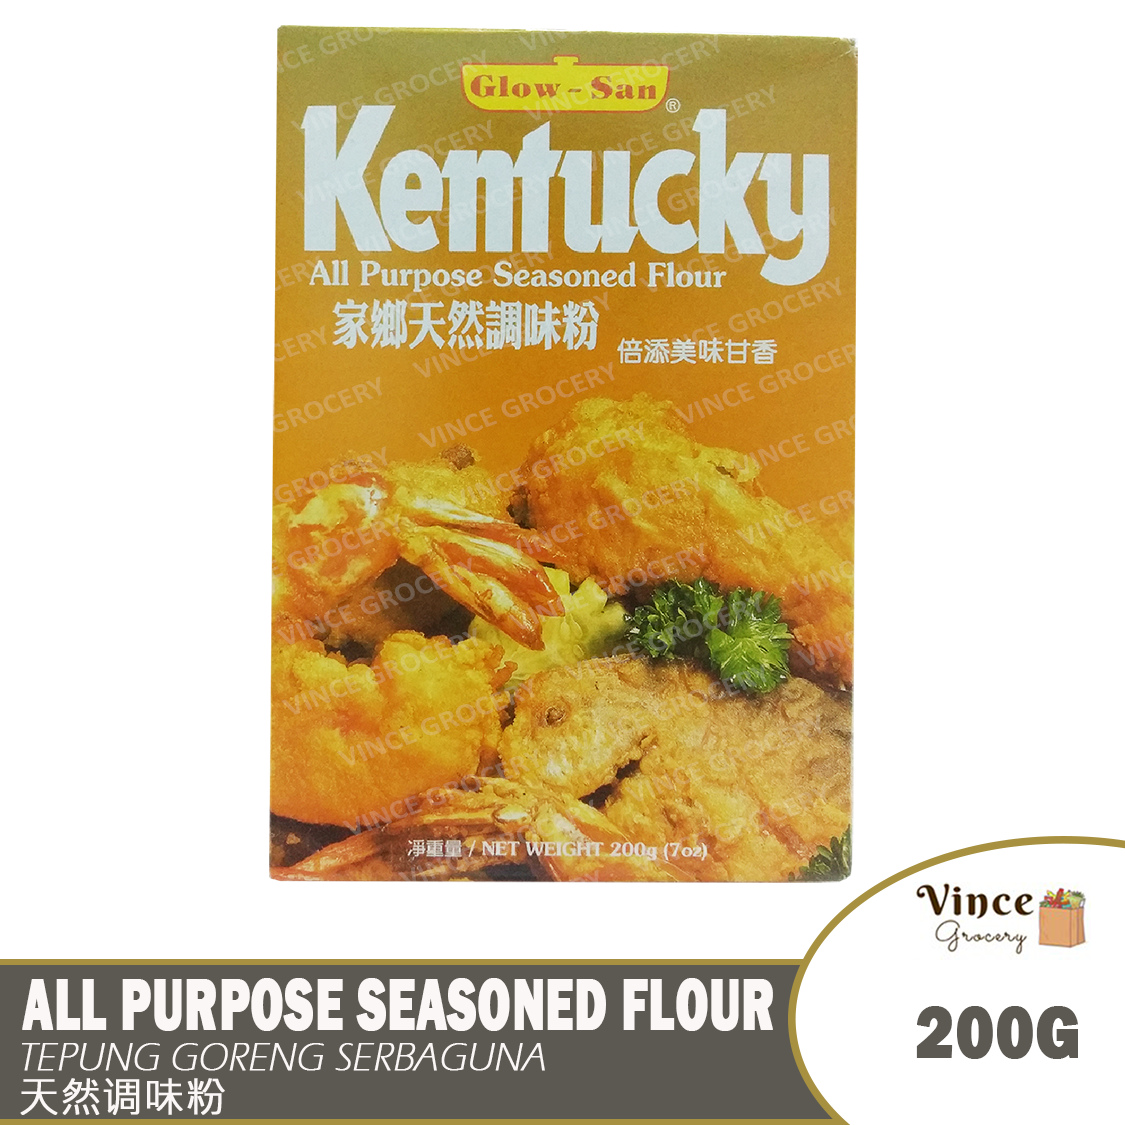 image of GLOW-SAN Kentucky All Purpose Seasoned Flour | Tepung Perasa Serbaguna 200G